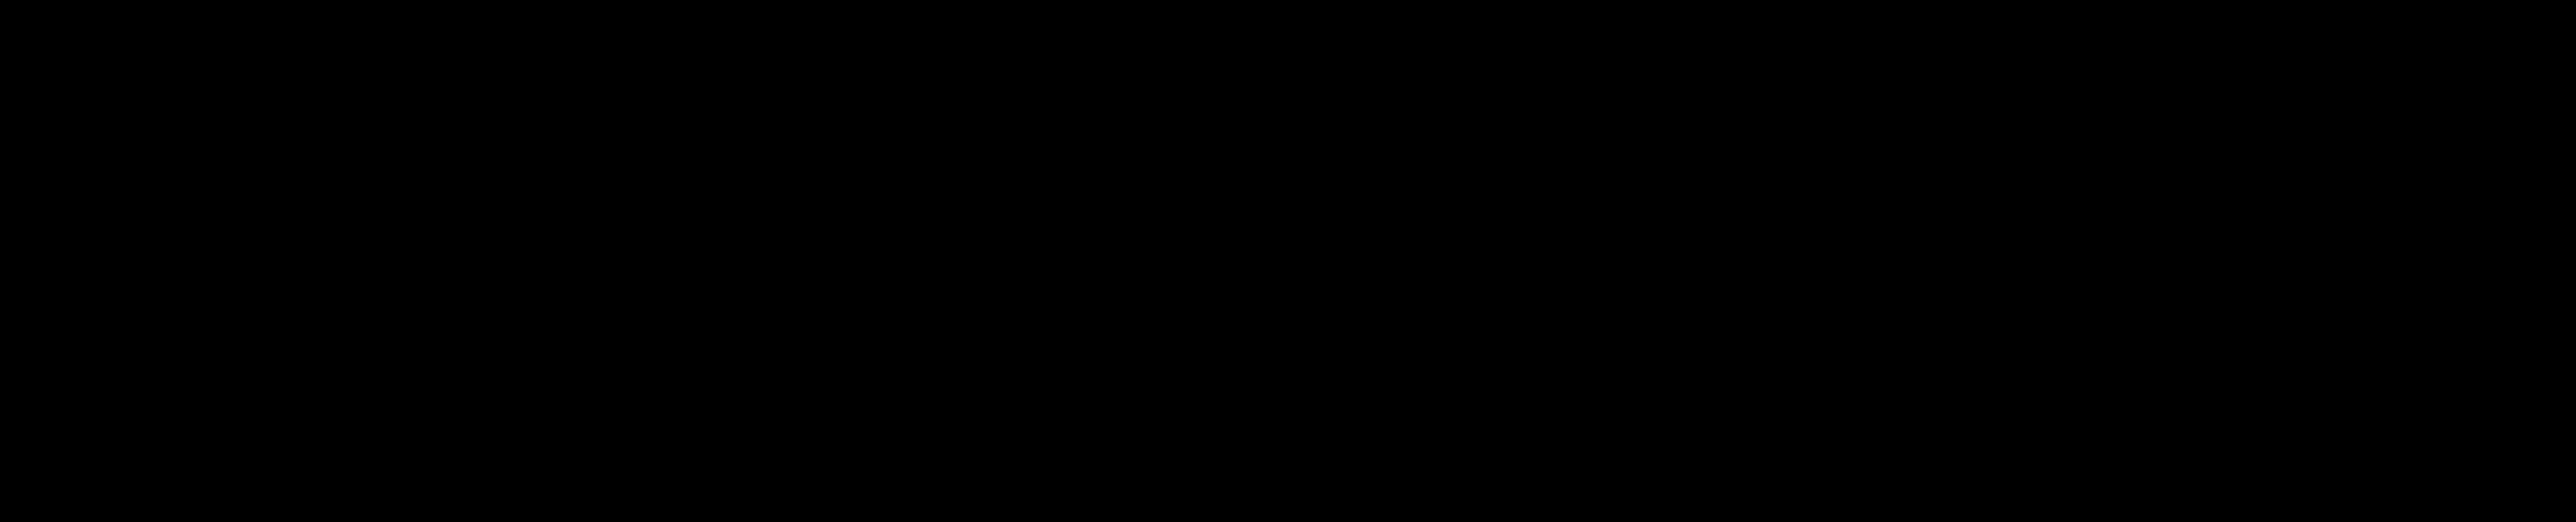 Diethyl (12-((2-(dimethylamino)ethyl)(methyl)amino)dodecyl)phosphonate